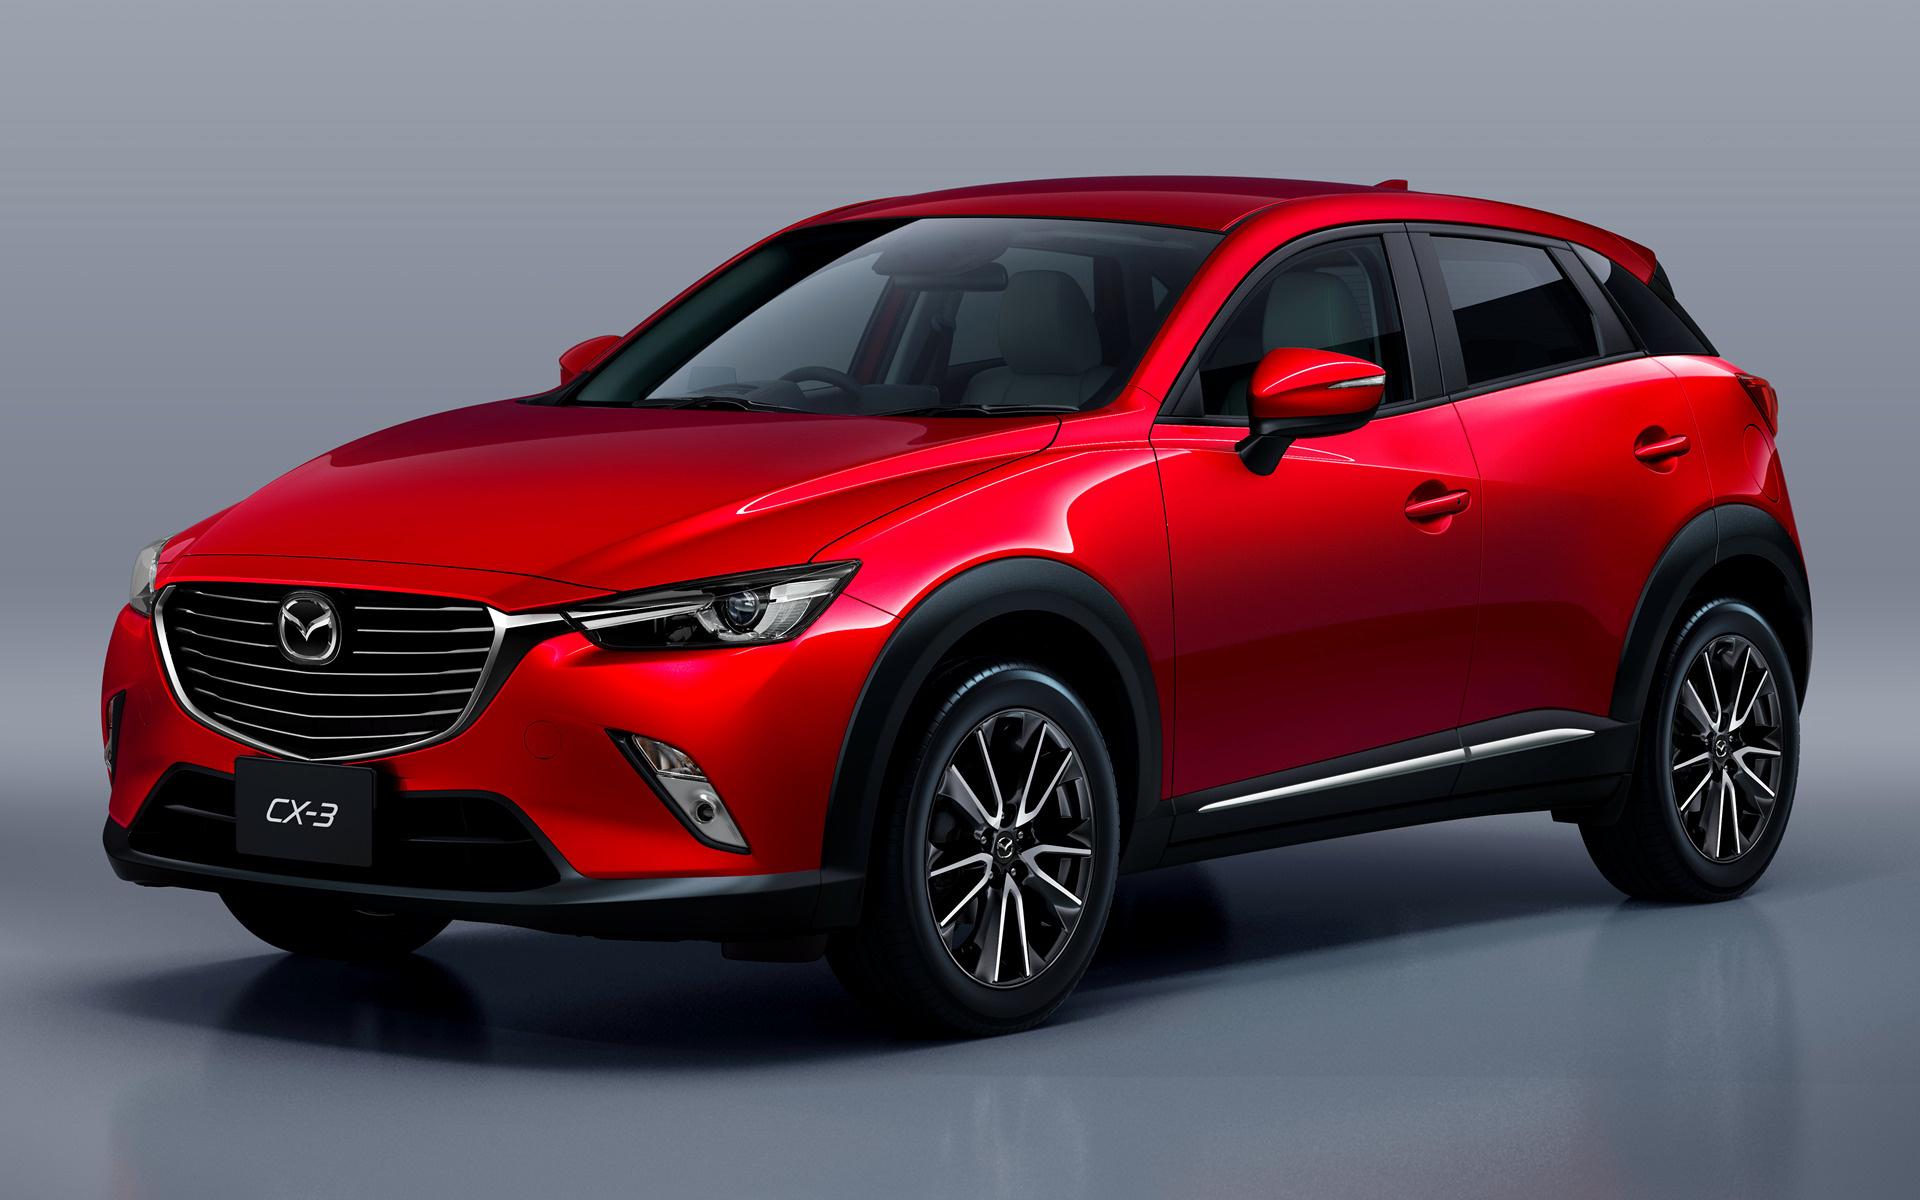 Kelebihan Kekurangan Mazda Jp Spesifikasi